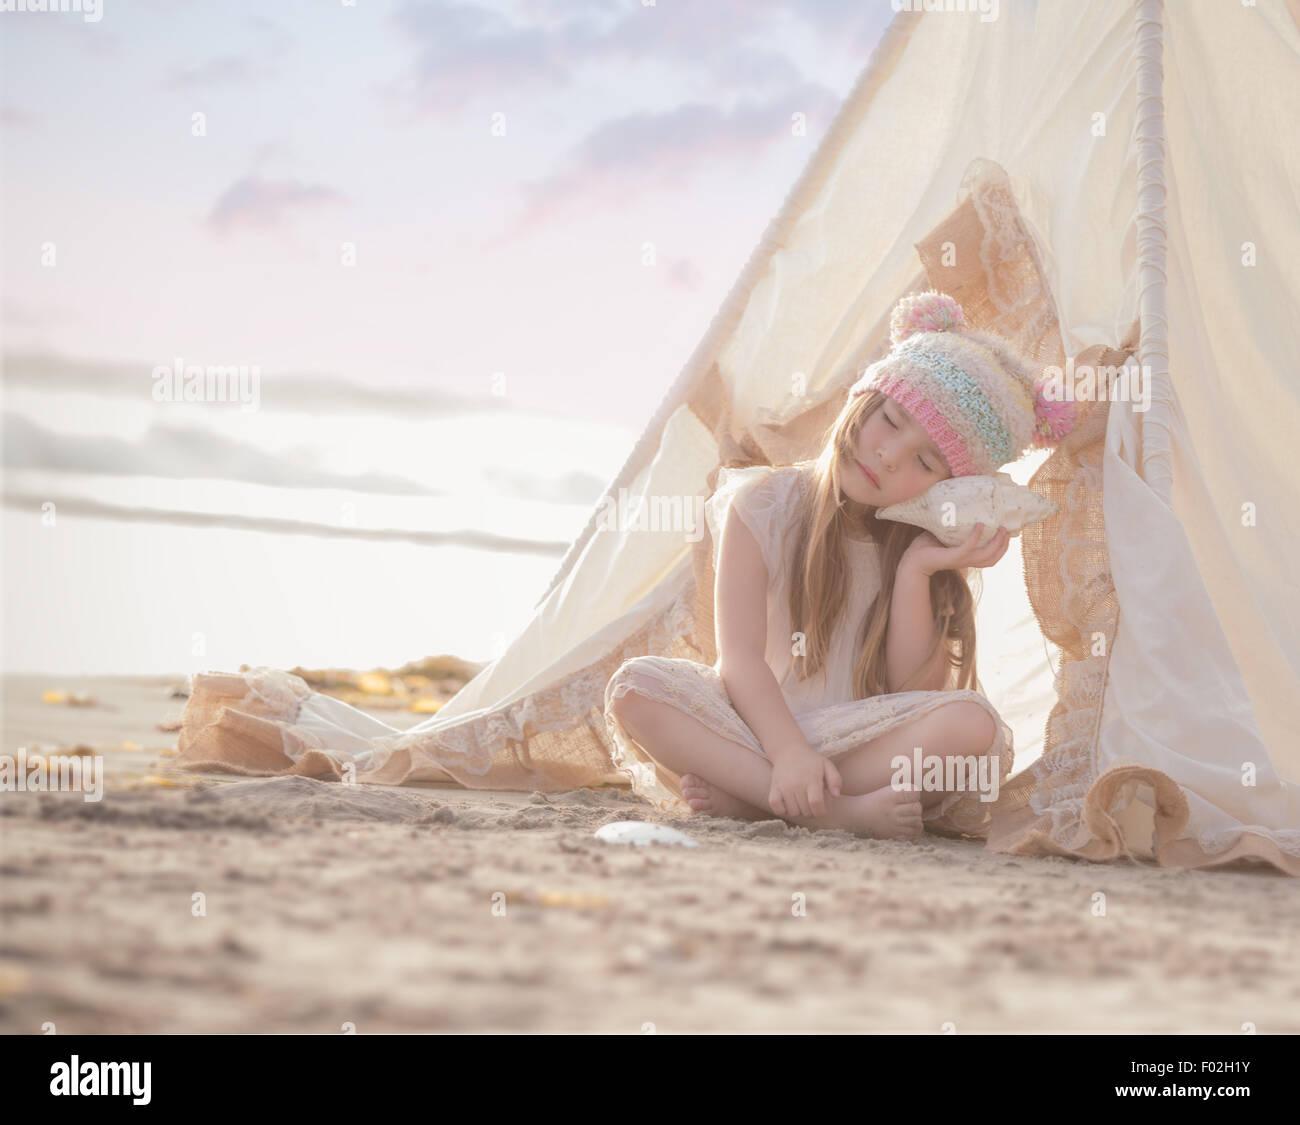 Chica sentada en un wigwam en la playa escuchando una concha Imagen De Stock